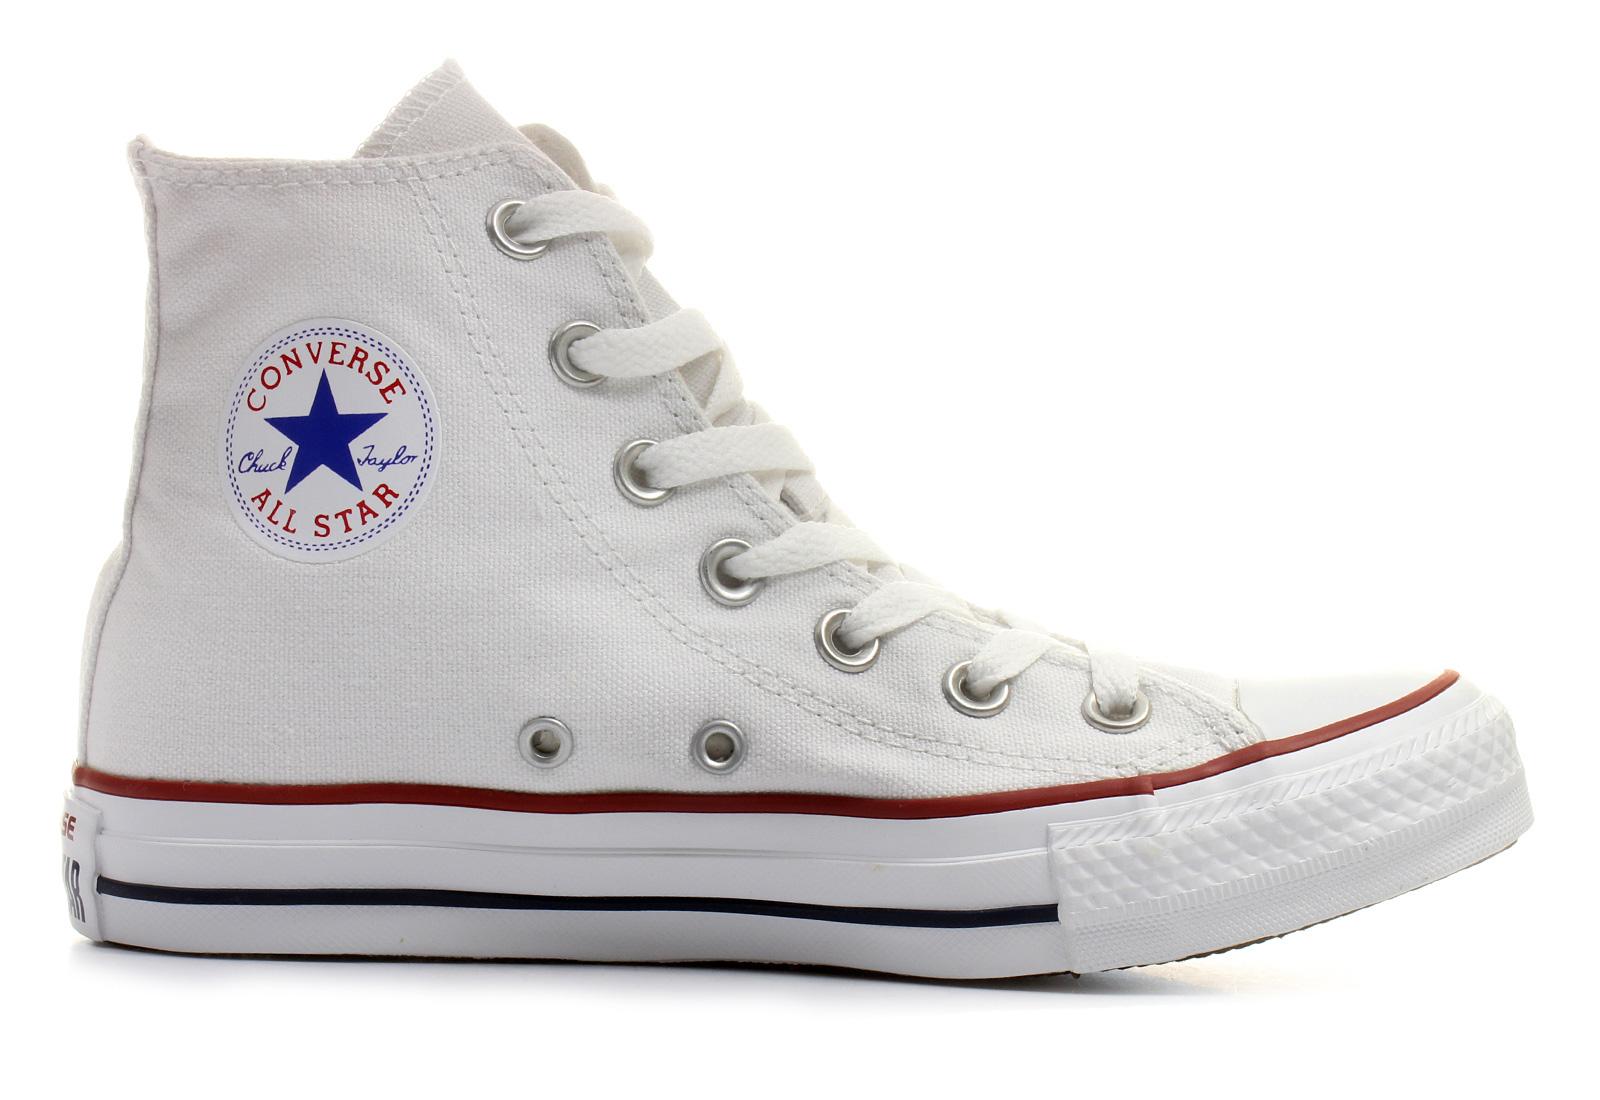 Converse Sneakers Ct As Core Hi M7650c Online Shop